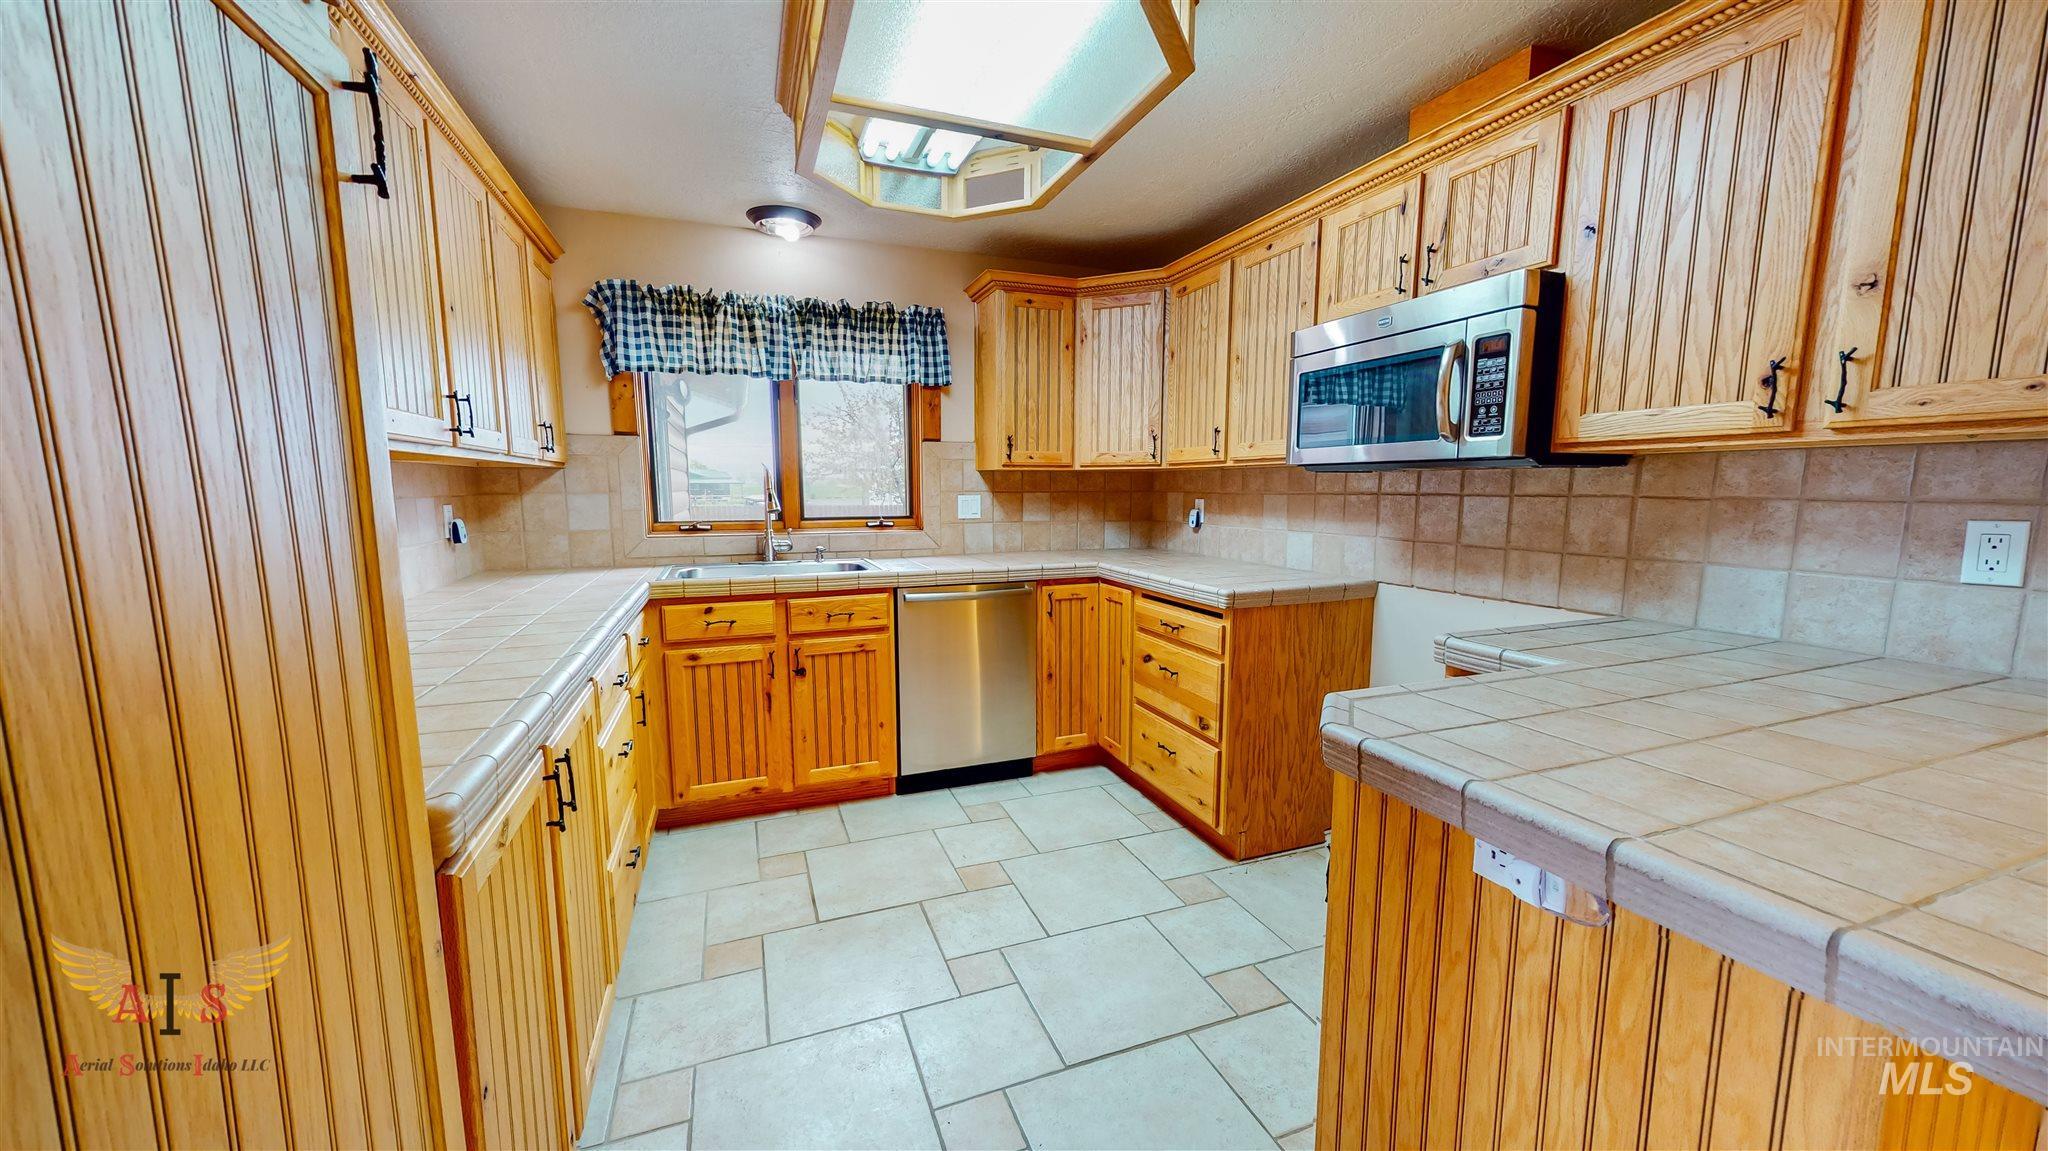 352 S 500 W Property Photo 8